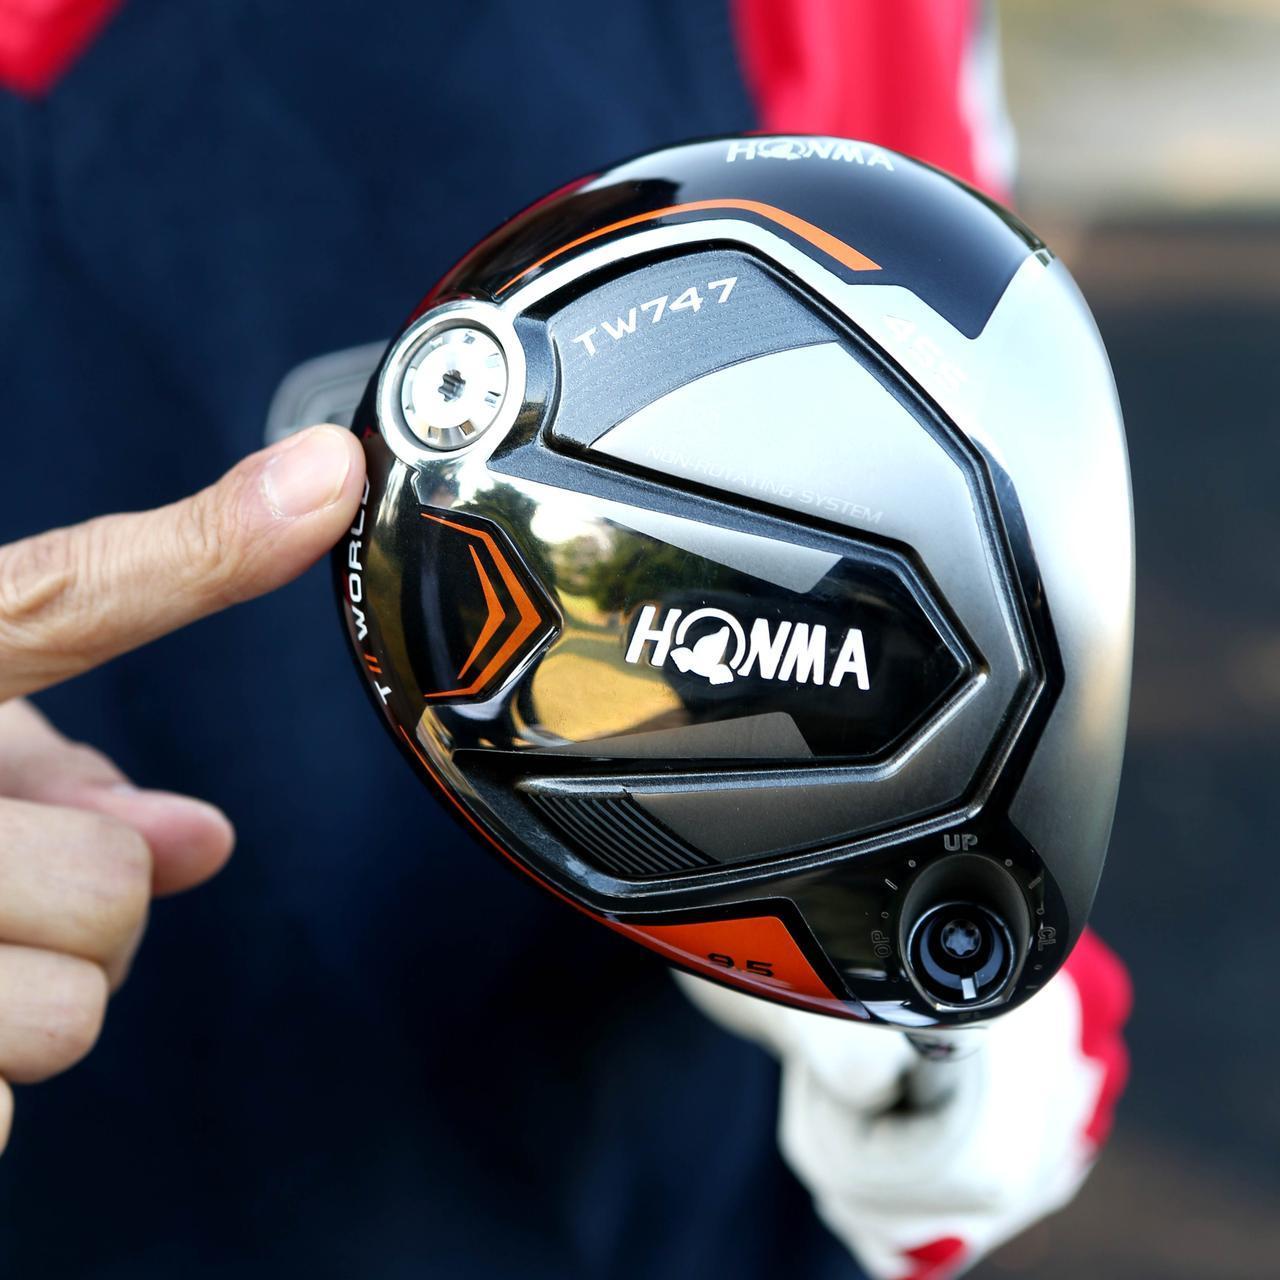 画像: 打球がねじれない自然なフェースターン。 ドローやフェードの打ち分けはできますが、真っすぐ強い球のほうが打ちやすいです